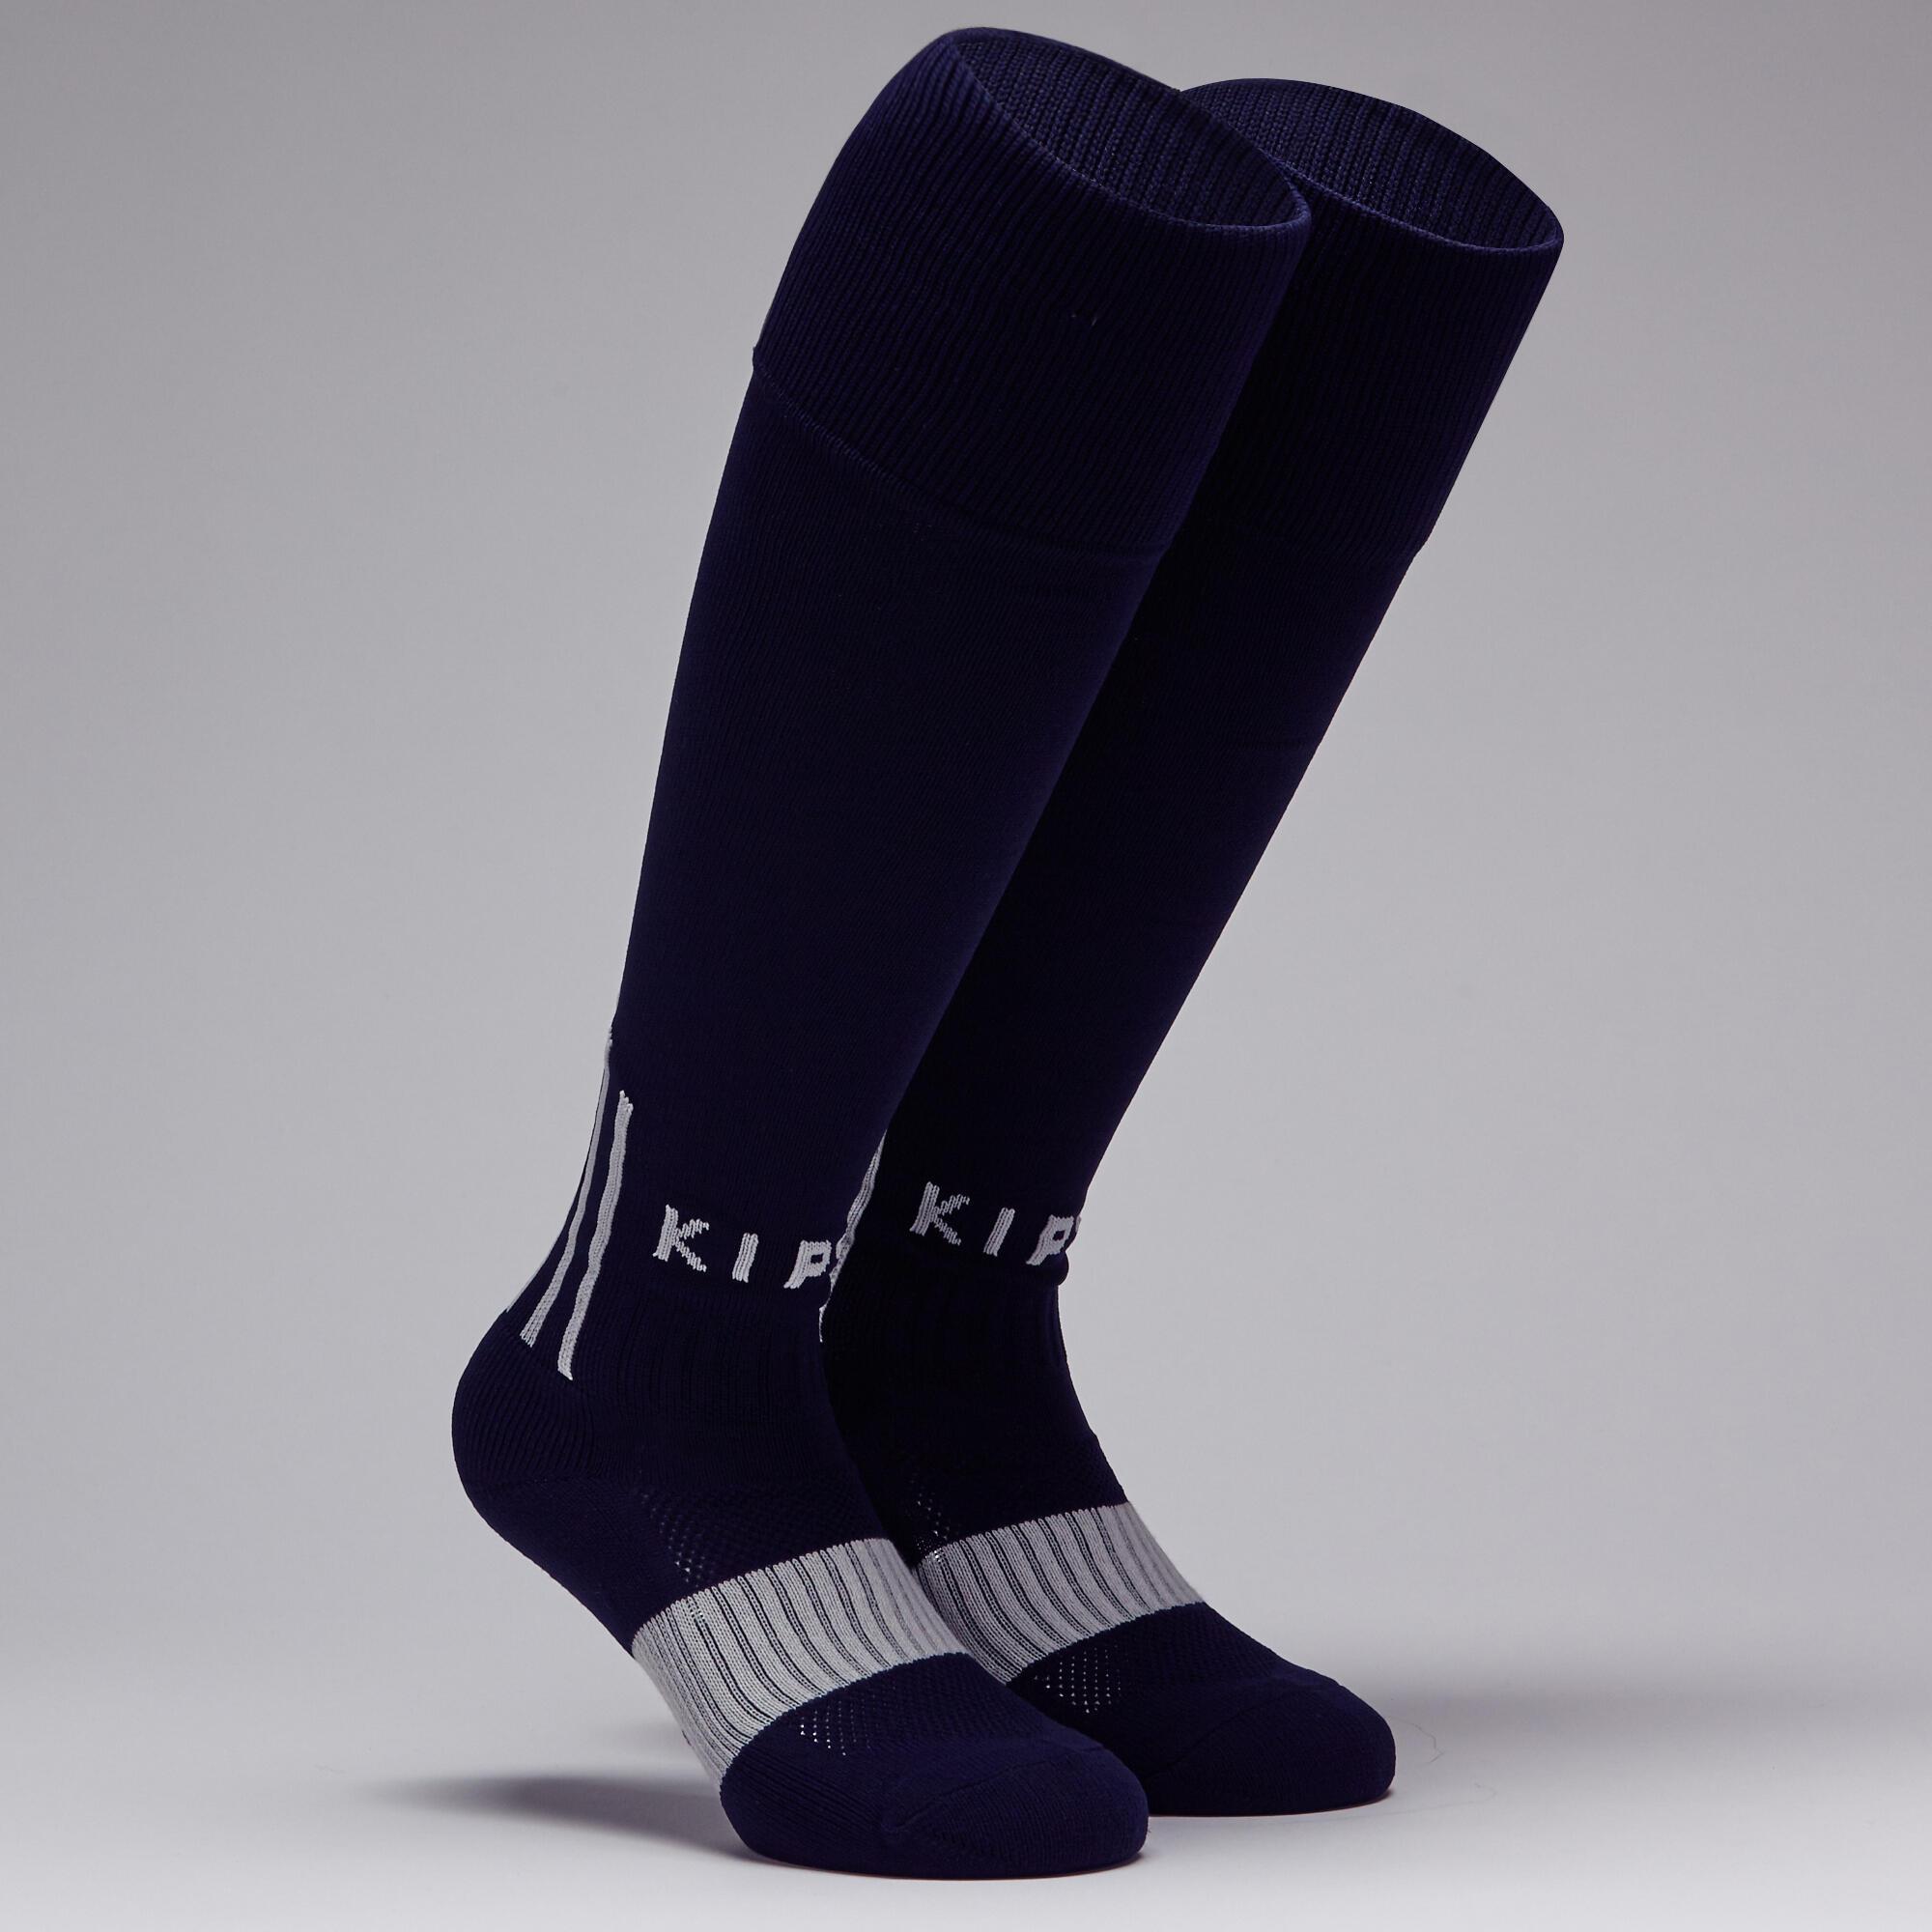 Chaussette de soccer F500 bleue marine et grise